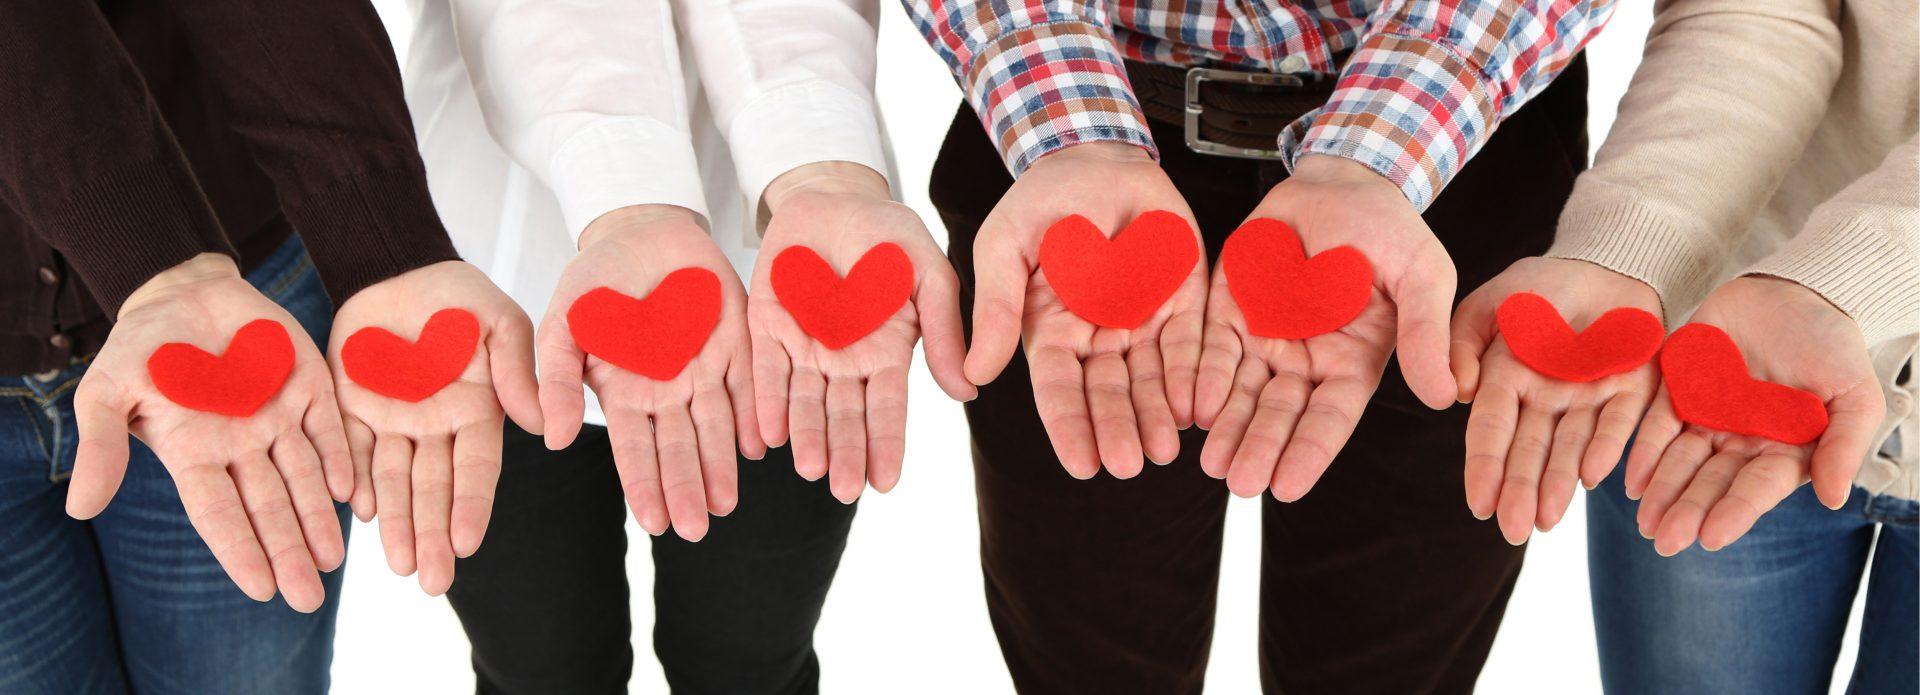 Hände mit Herz Soziales Engagement